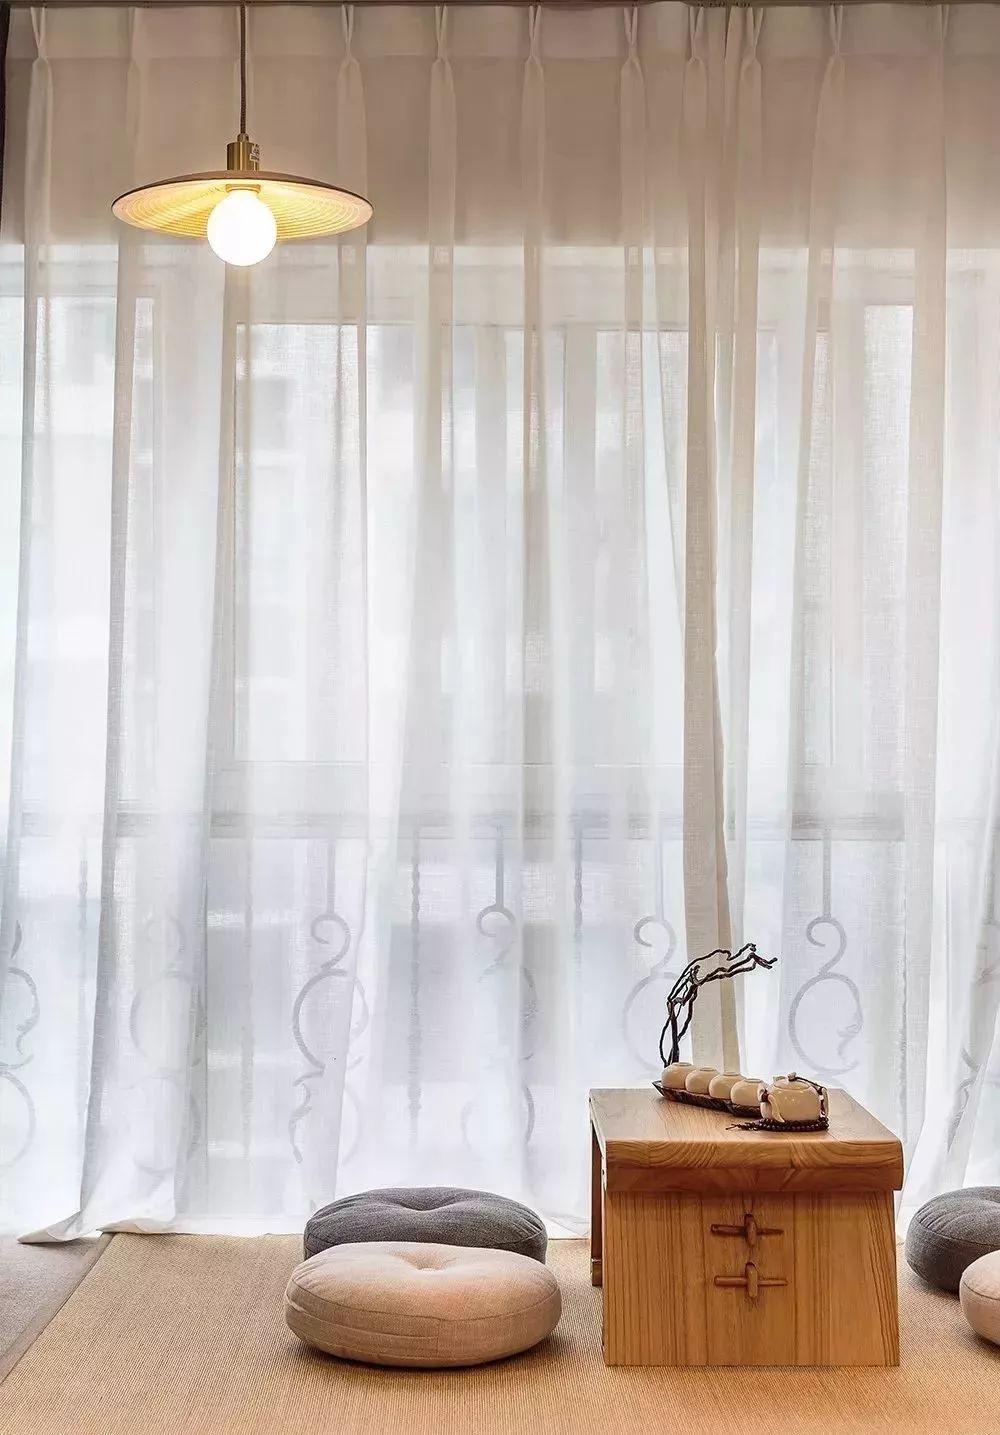 4客厅的阳台还做了木质地台的设计,打造成休闲区,大大的落地窗搭配上白色纱帘遮光,木质小茶几,圆形小蒲团,在这喝喝茶、聊聊天、看看风景,悠闲自在。.jpg